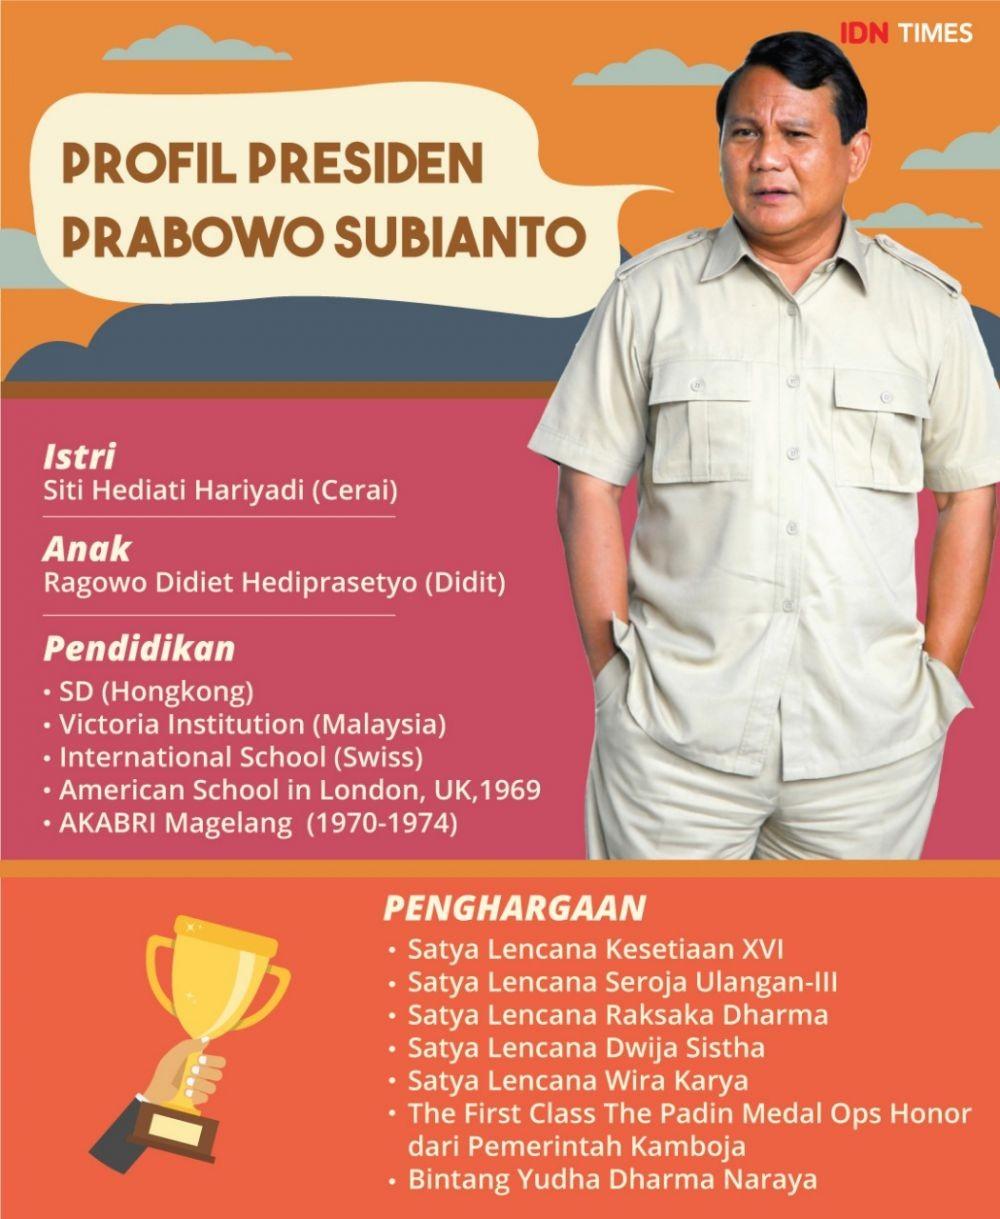 Prabowo Subianto, 15 Tahun di Politik Tiga Kali Berlaga di Pilpres